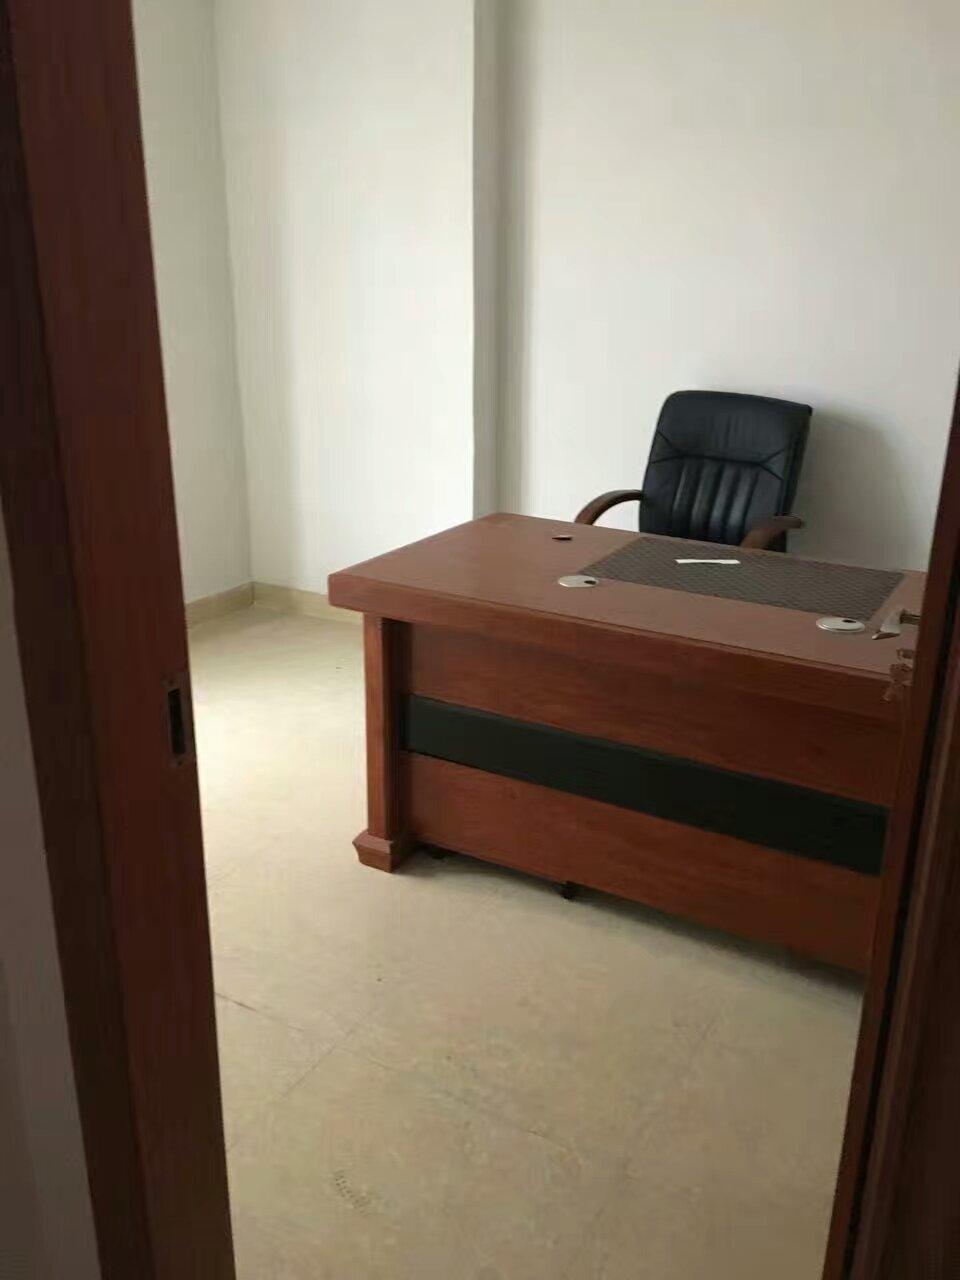 深圳公明楼村小产权房新开盘对外发售,3600元/㎡起 房价 新闻 跳蚤市场 二房二厅 第4张